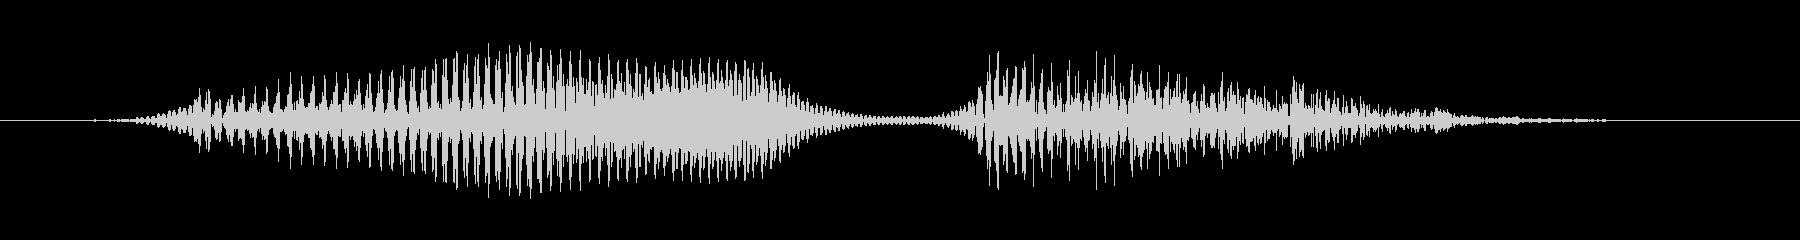 若い女性の声で「令和」(平板型/無加工)の未再生の波形